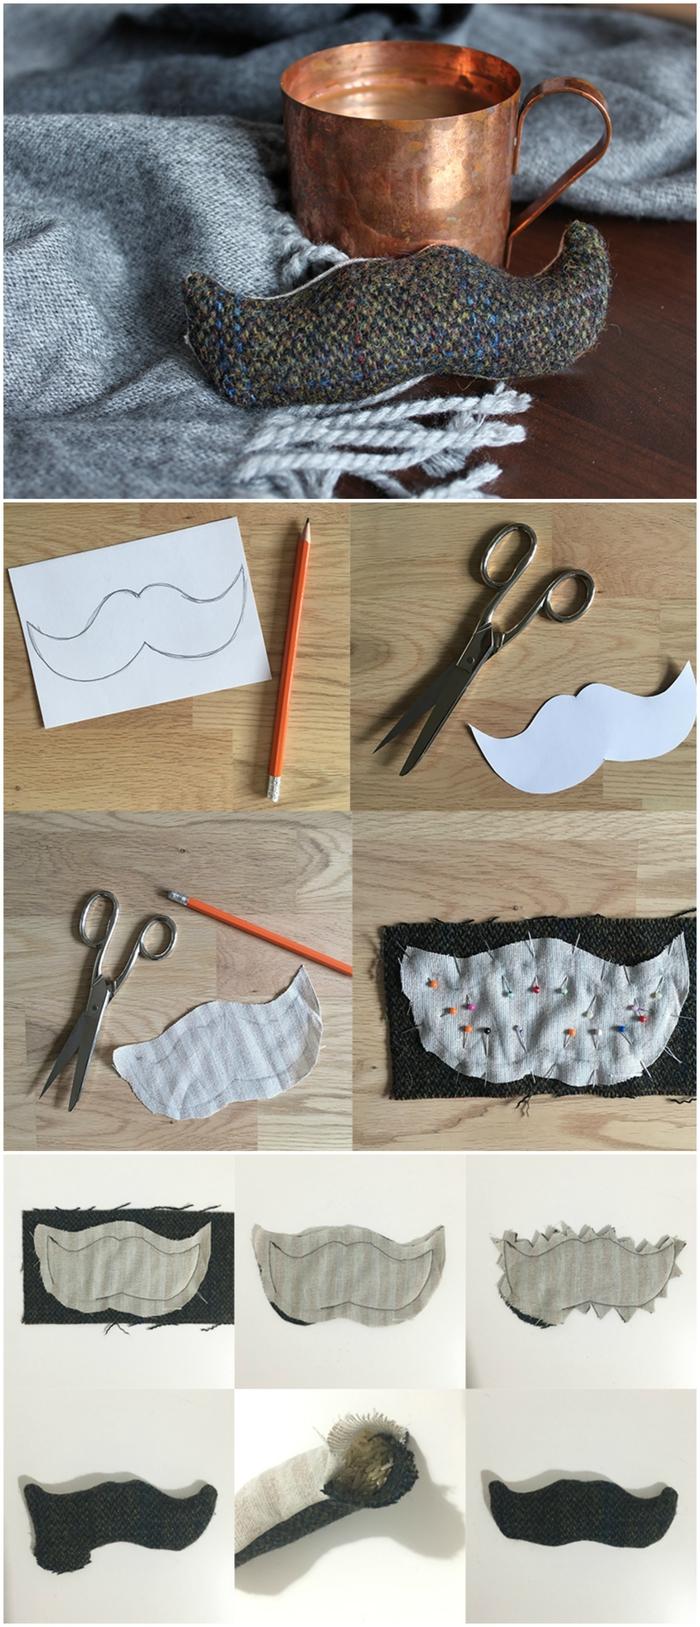 tuto de couture facile pour faire un chauffe-mains en forme de moustache en tweed, idée cadeau homme 40 ans